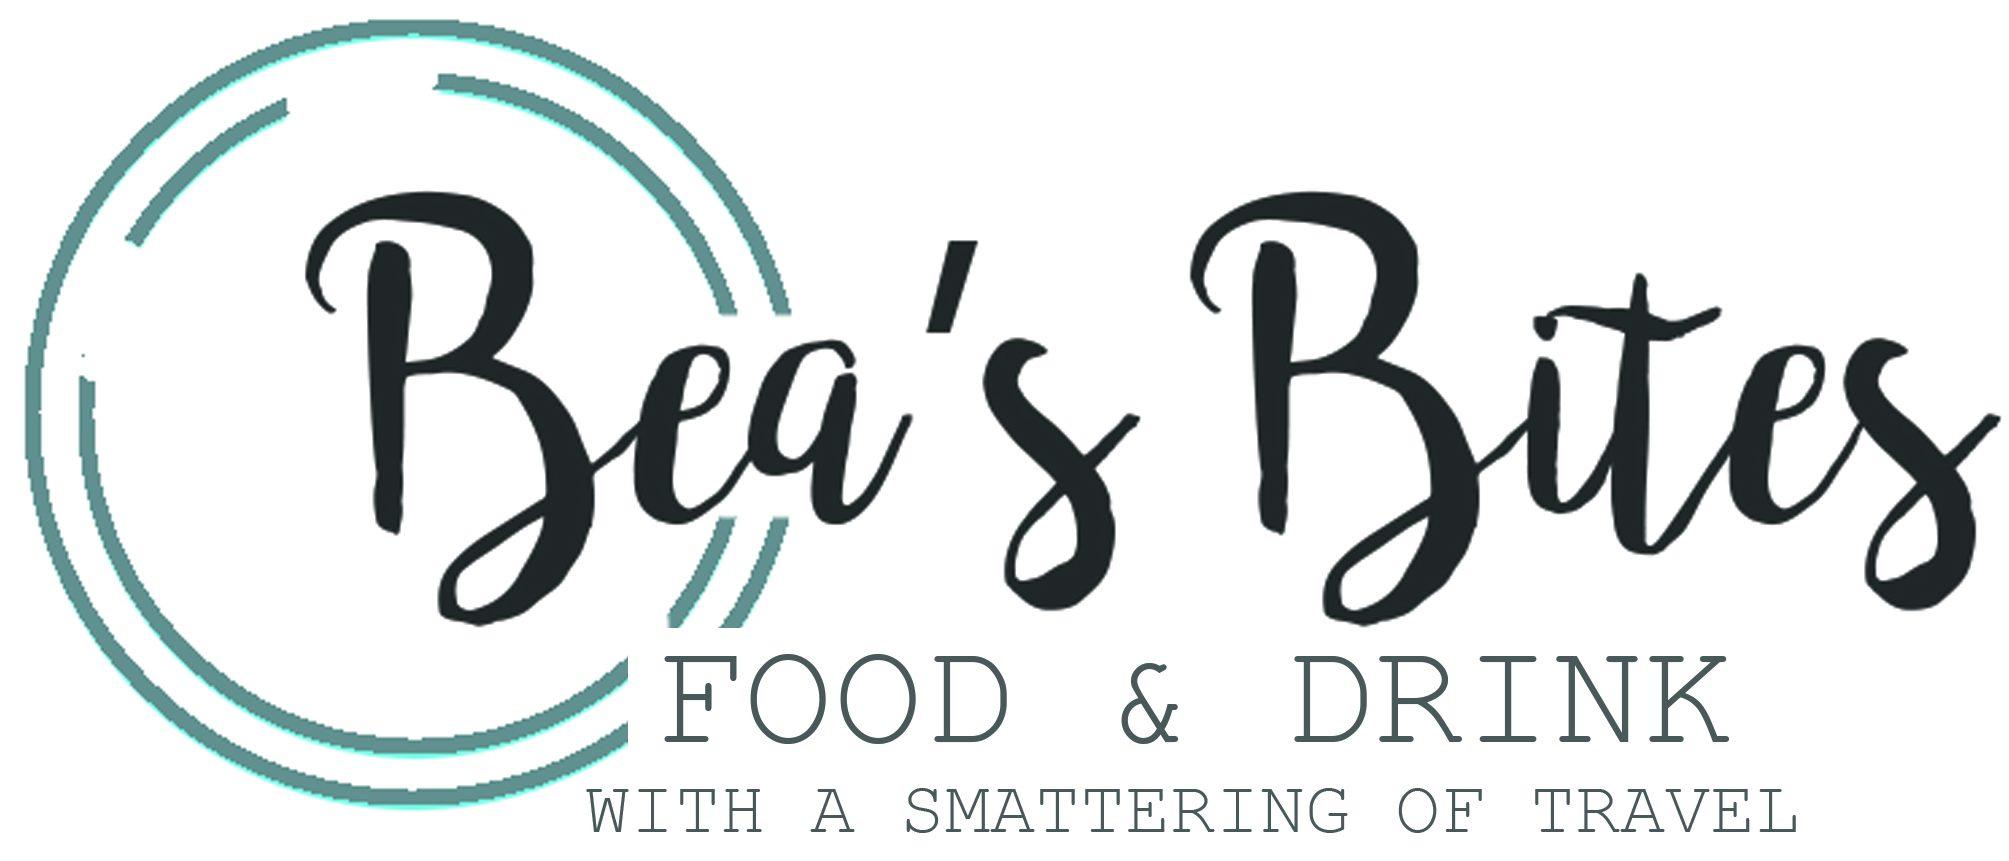 Bea's Bites Online